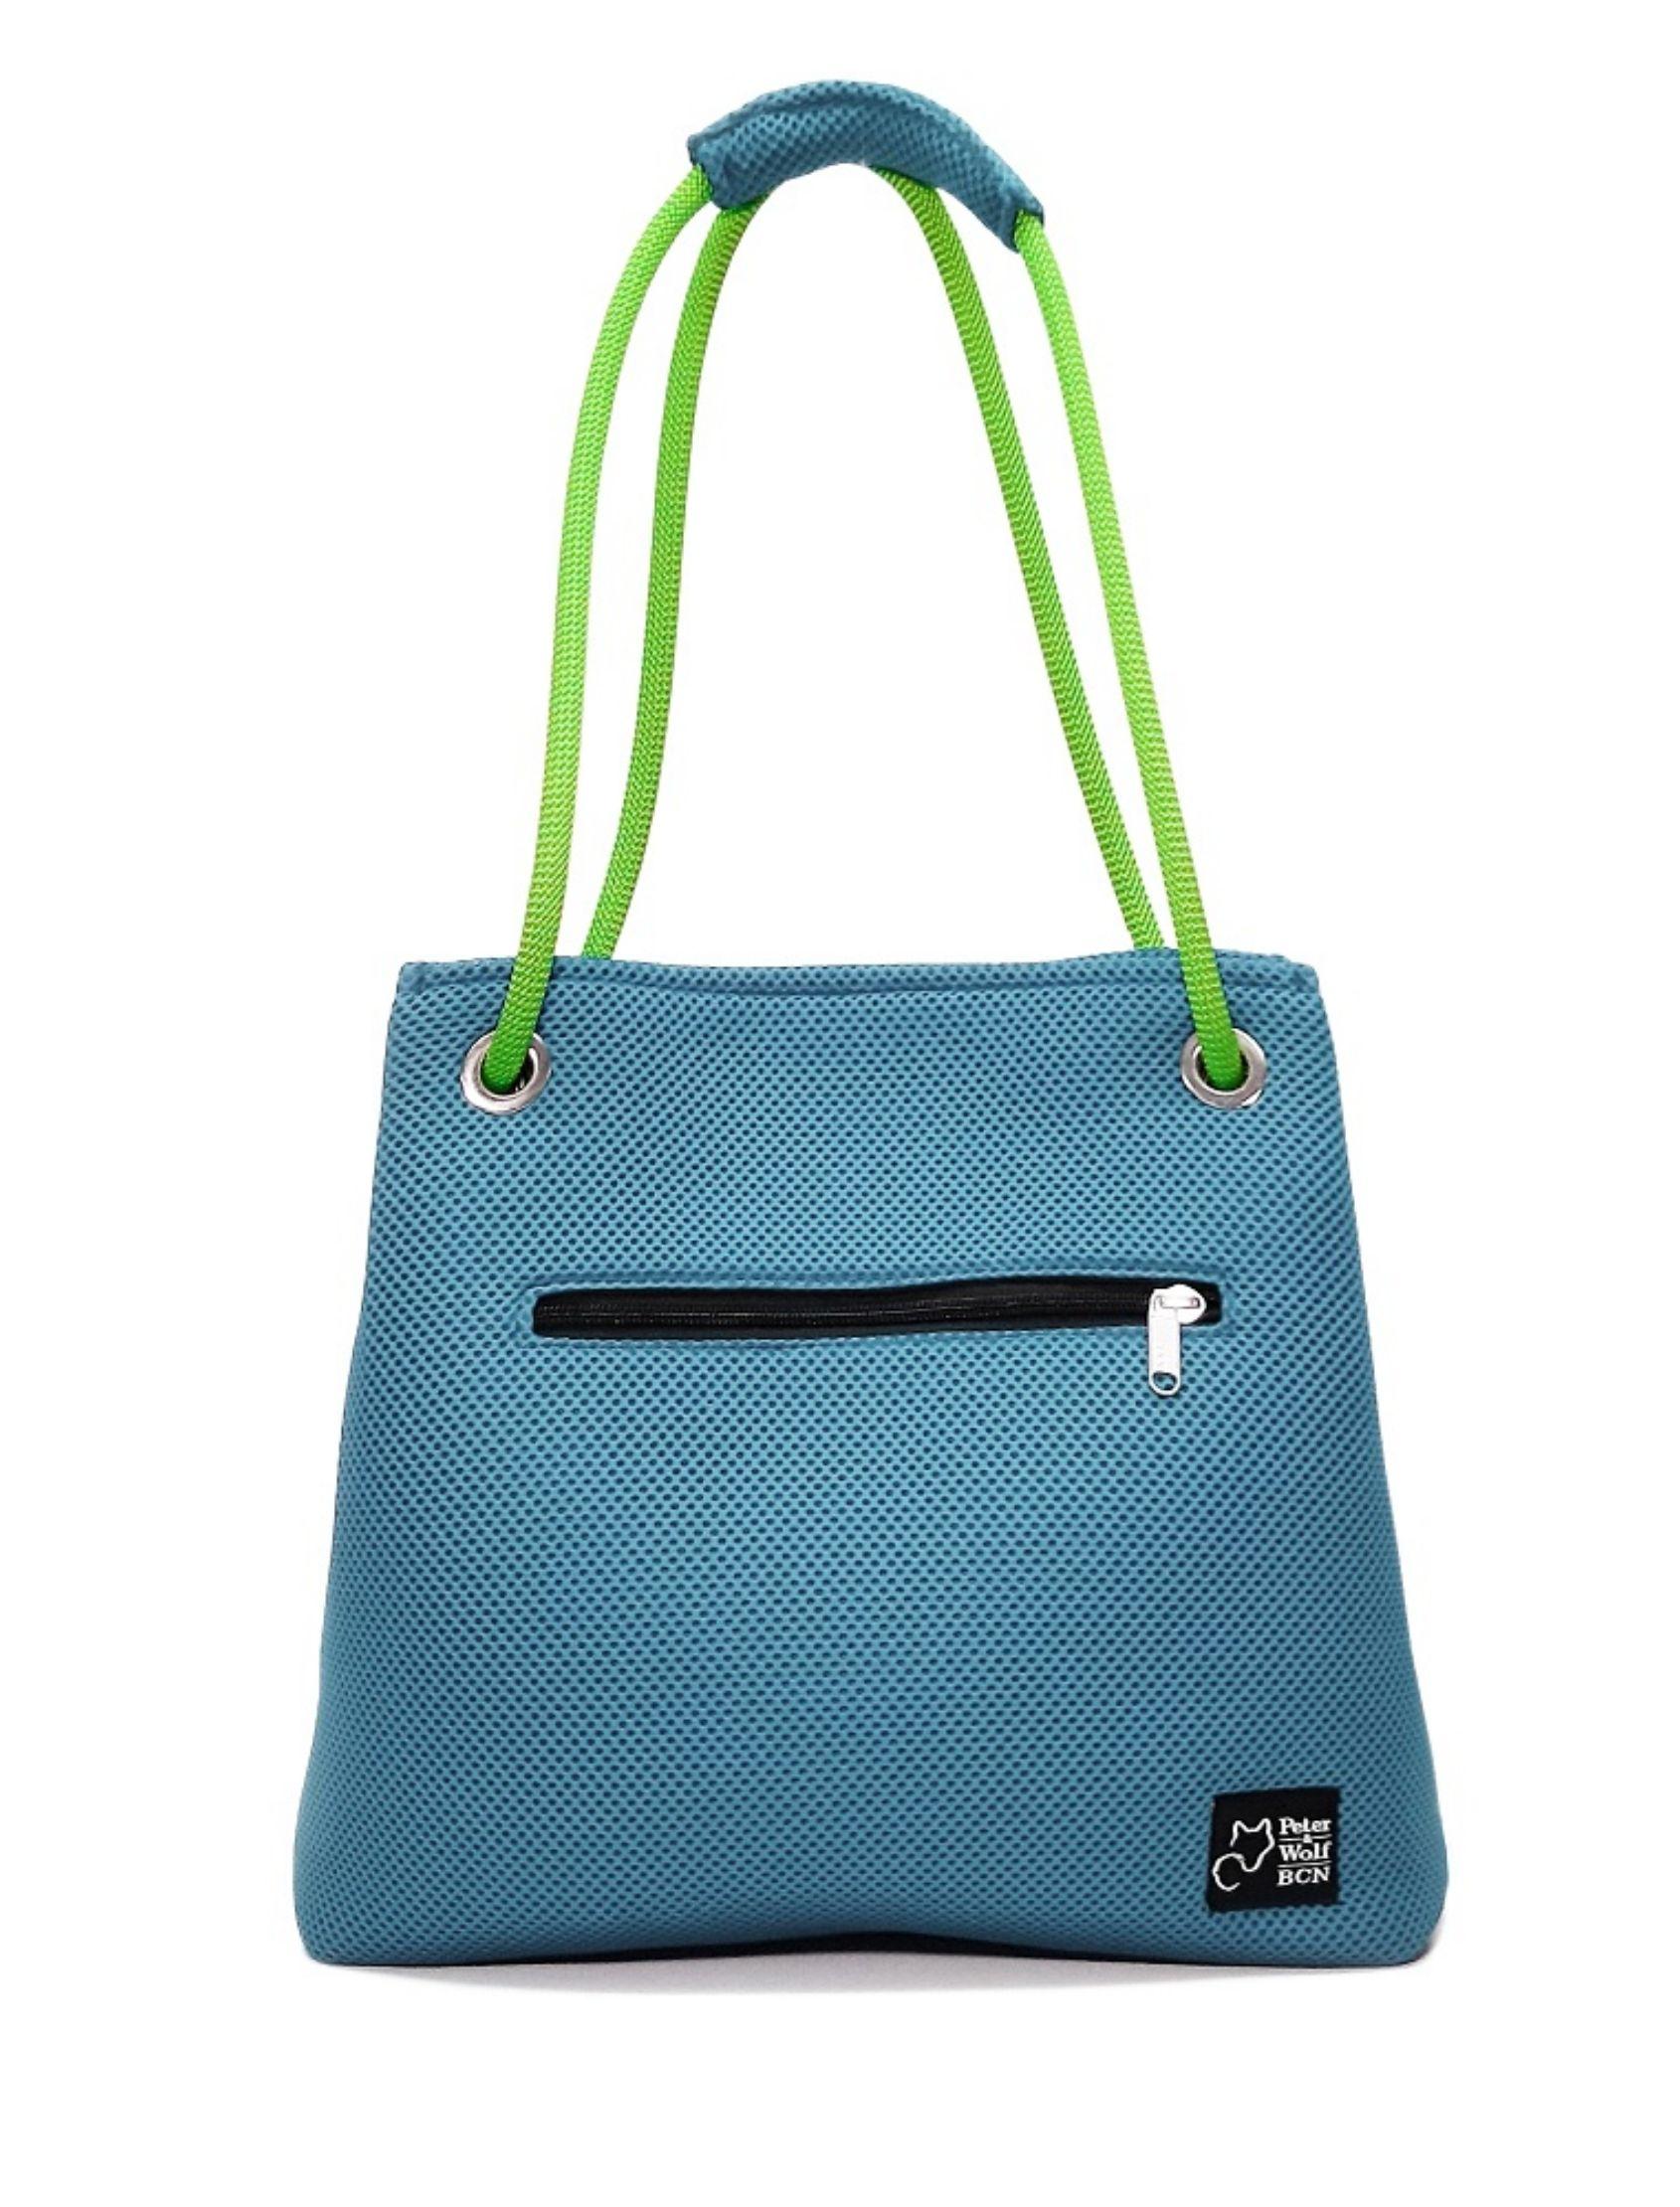 Bolso en tejido 3d color azul celeste y asa verde pistacho